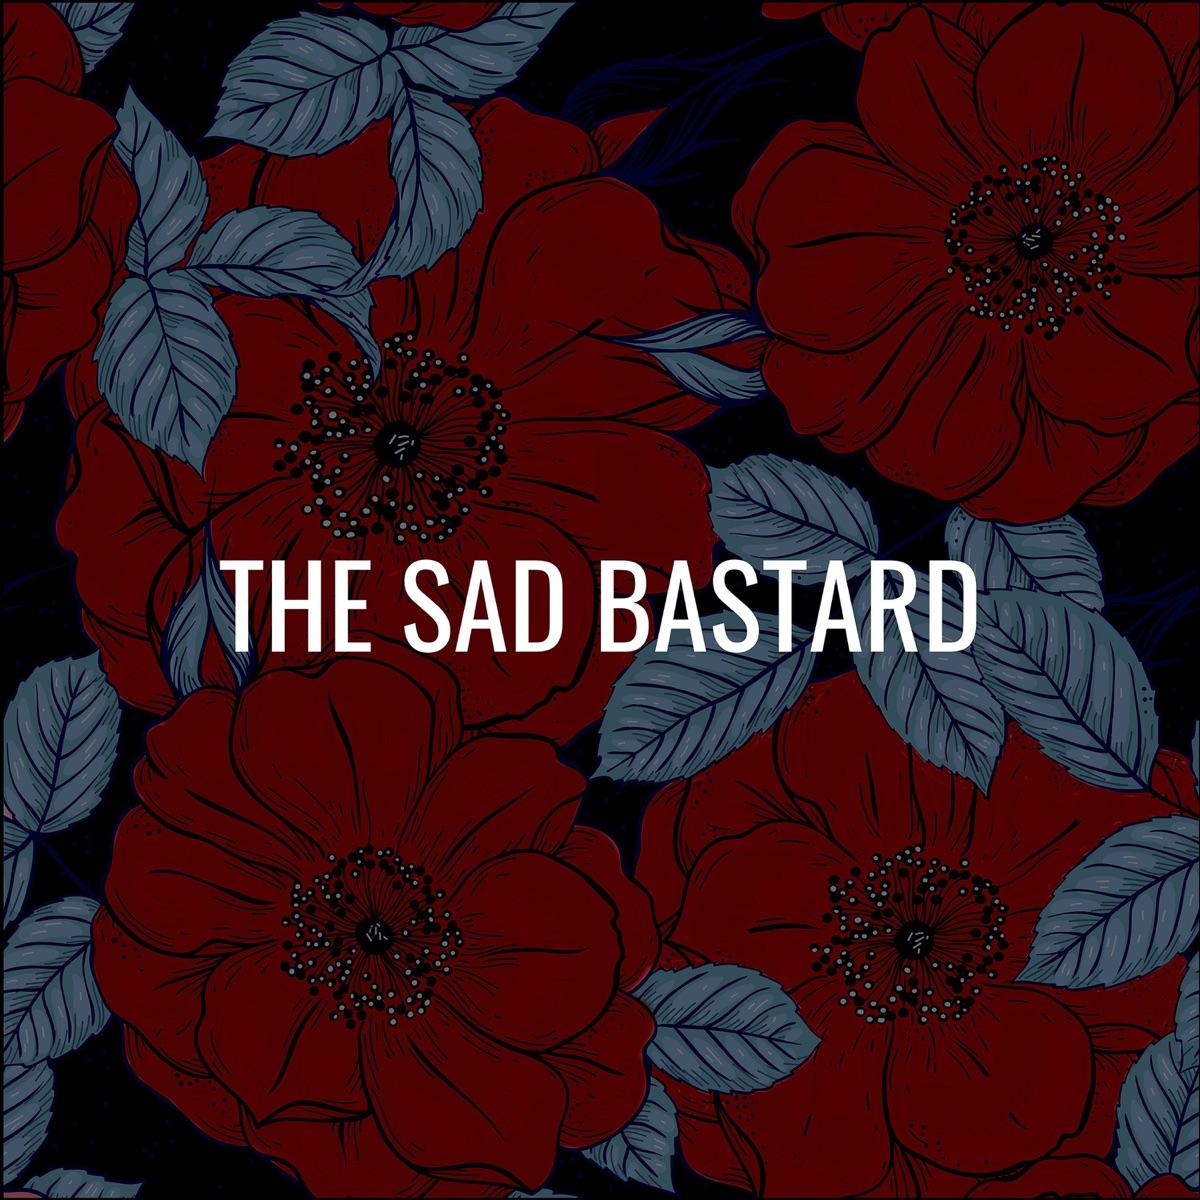 The Sad Bastard